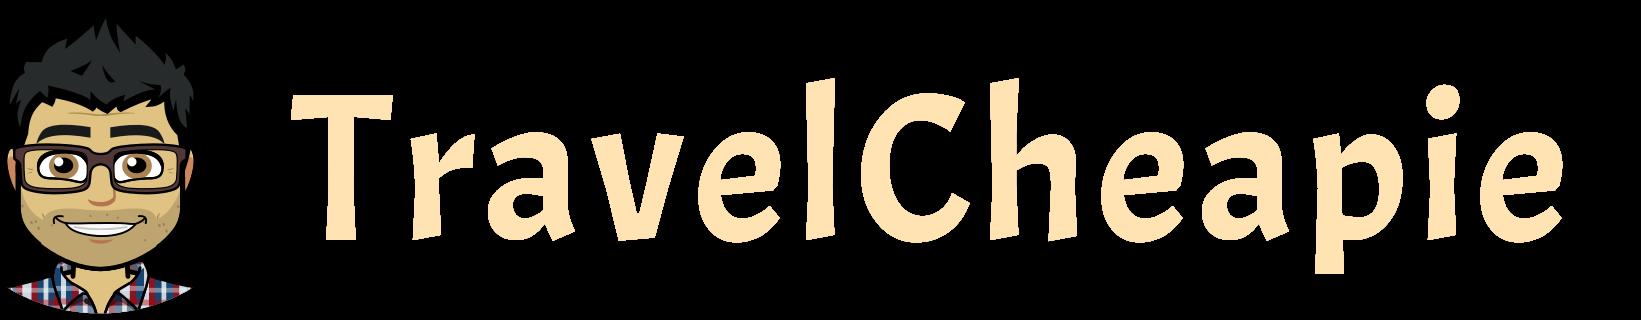 TravelCheapie